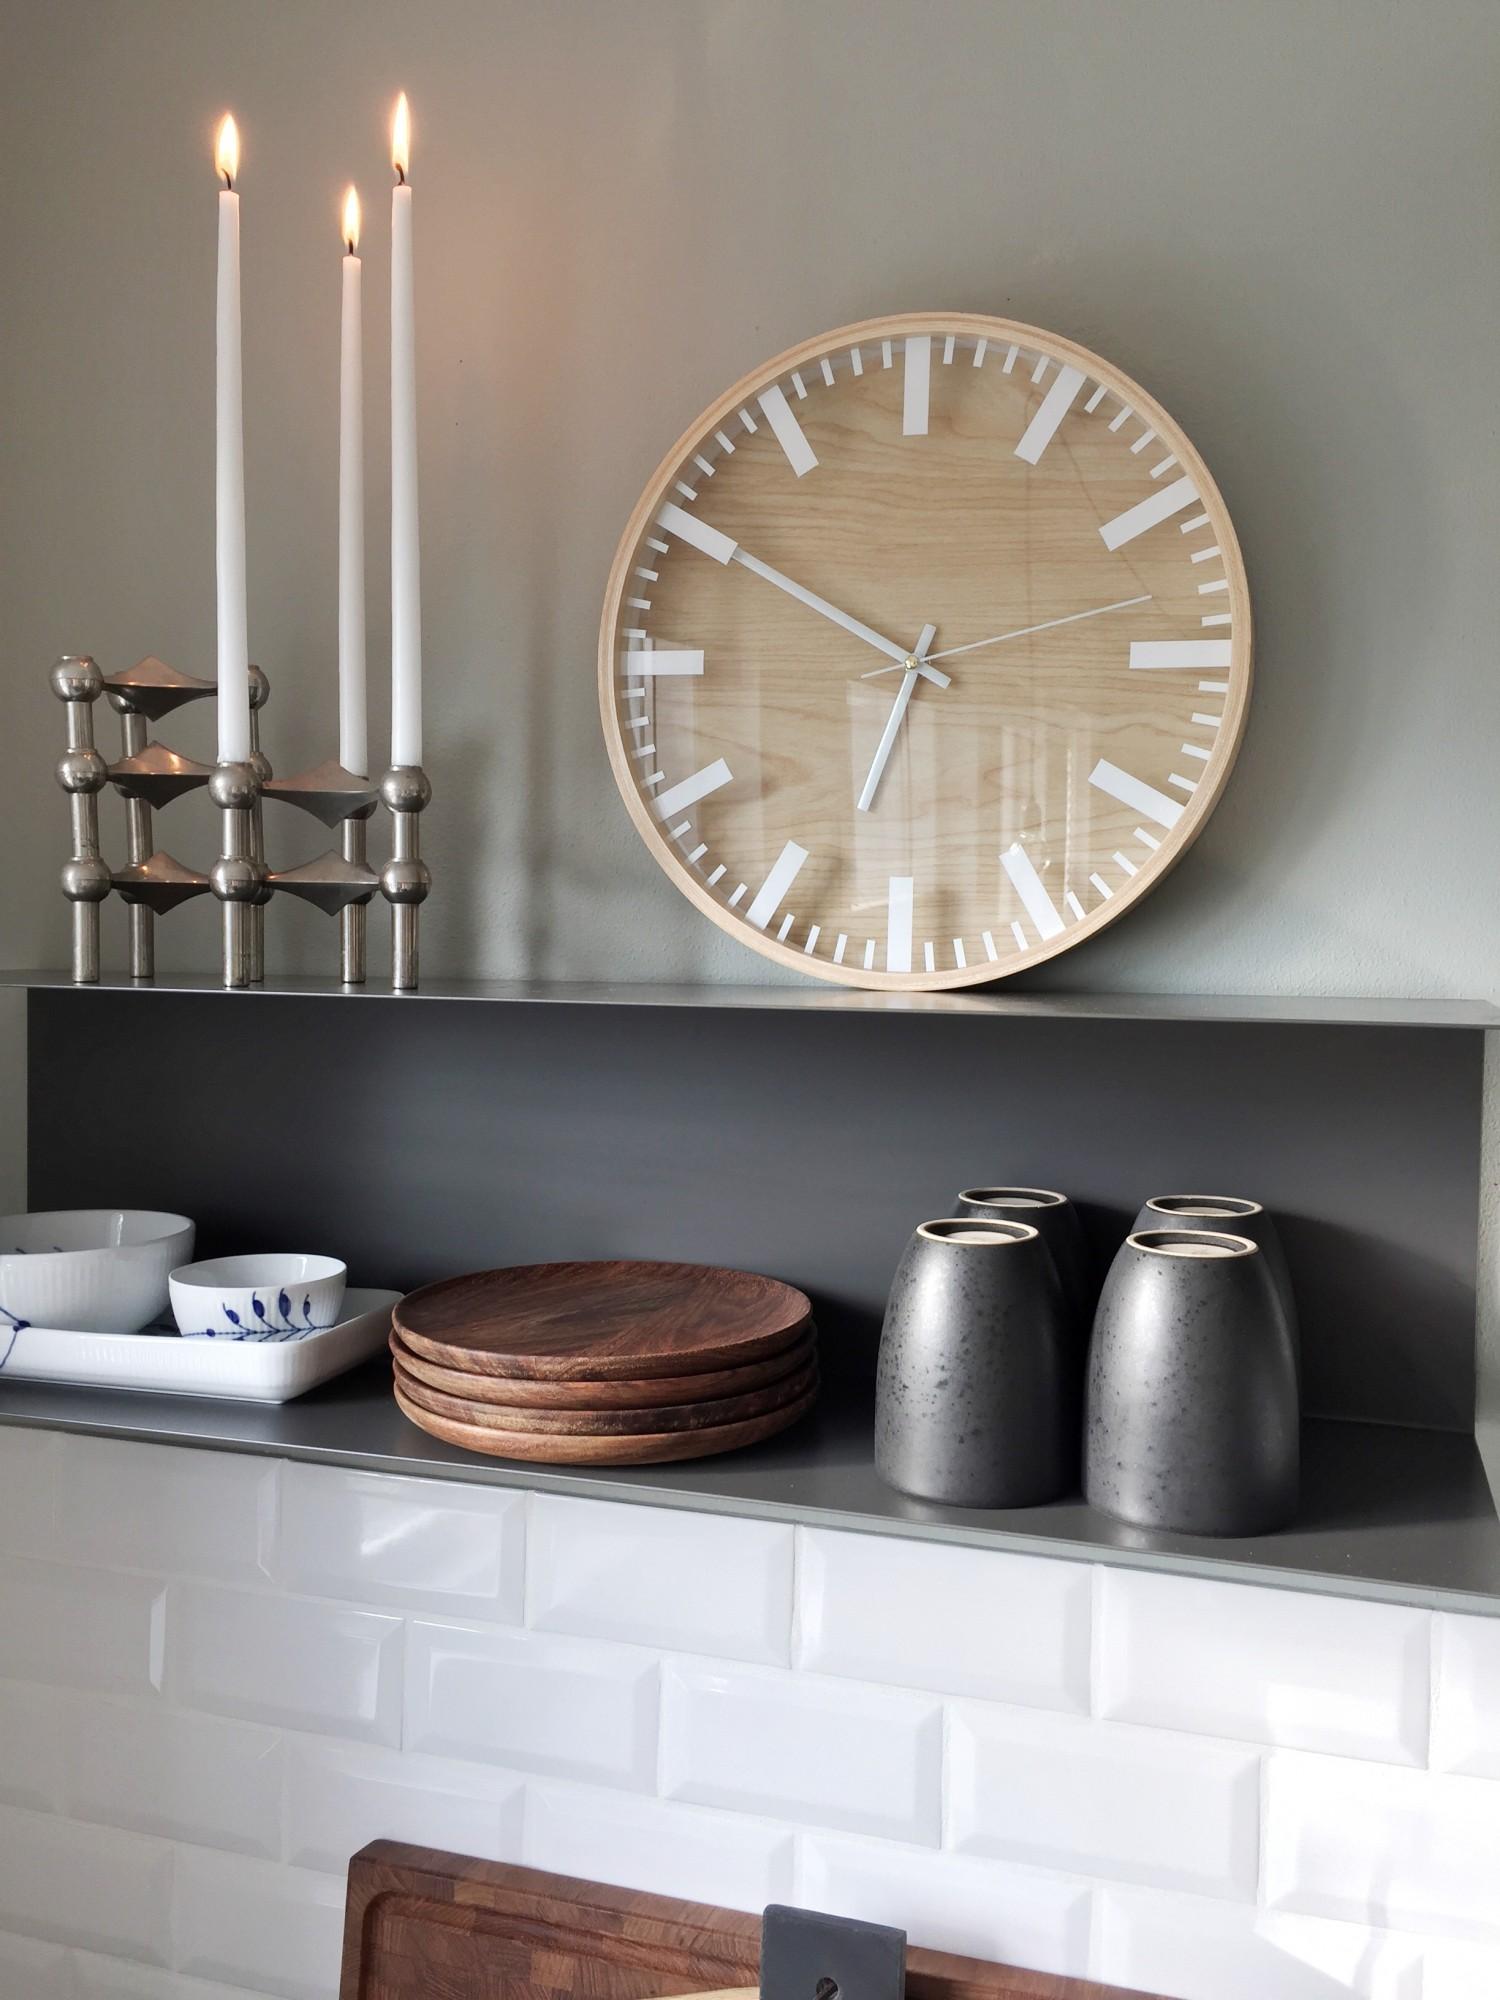 Krog i køkkenet med hylde og interiør